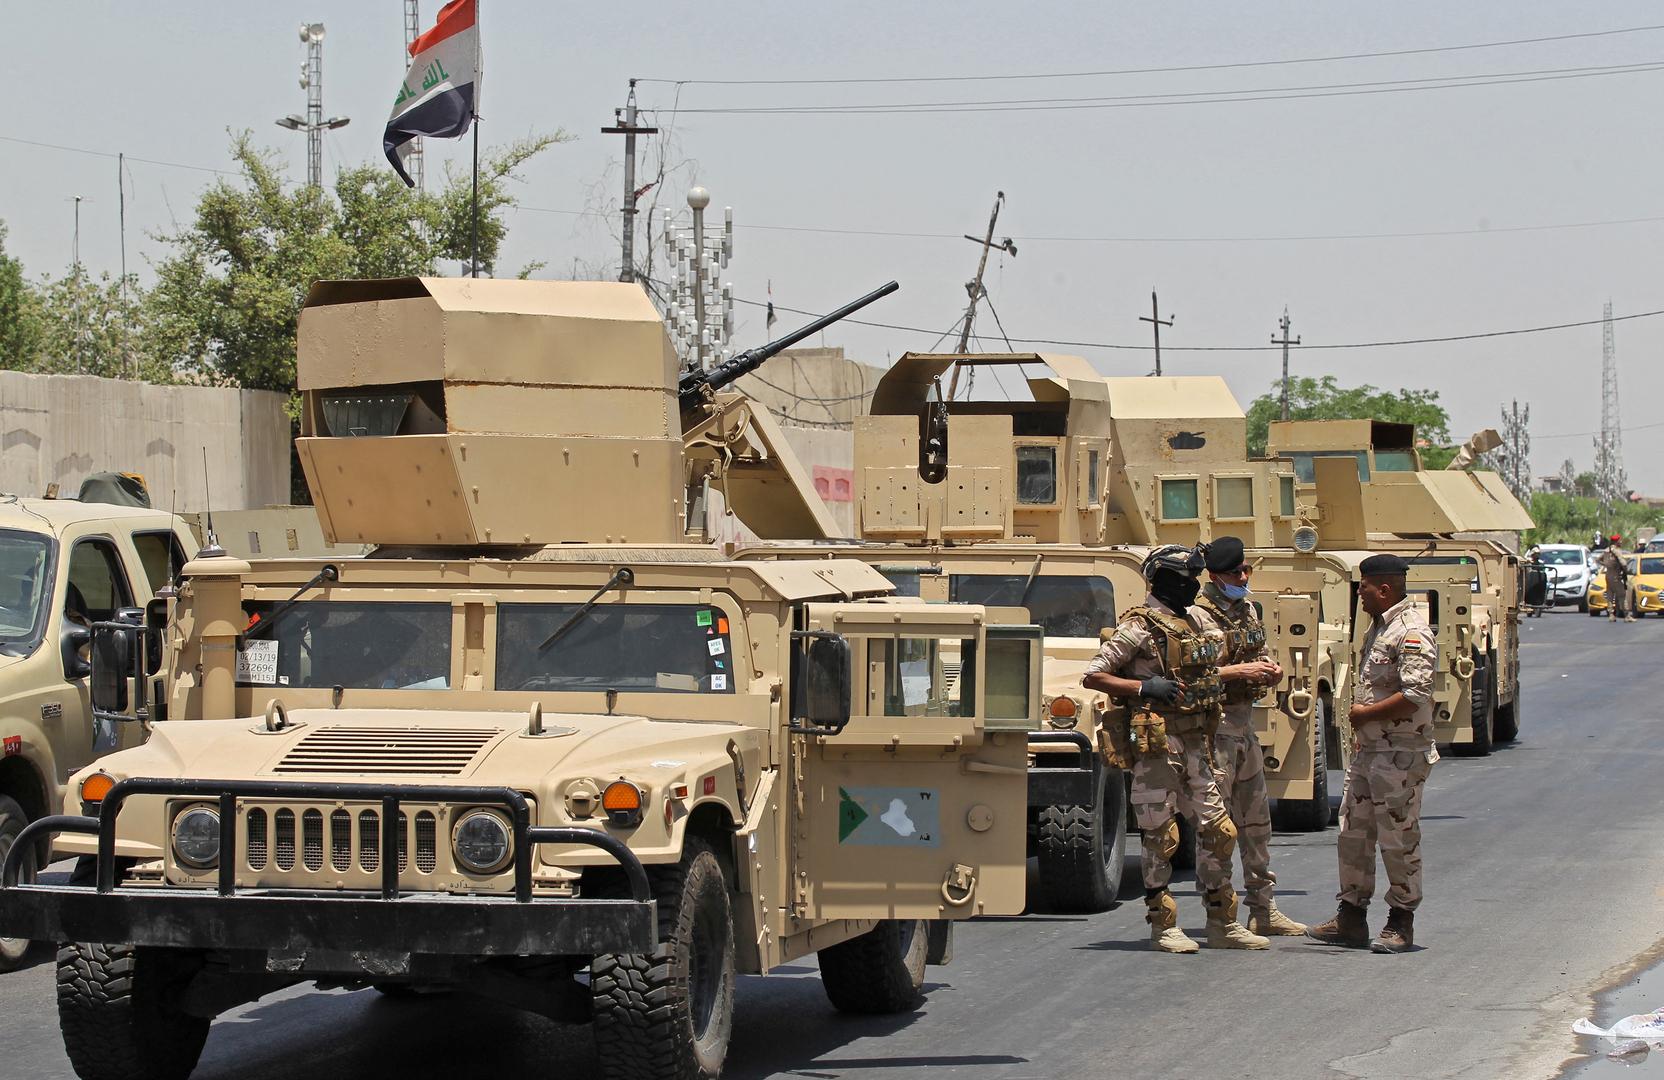 القوات العراقية تحبط عملية إطلاق خمسة صواريخ (غراد) بشمال البلاد